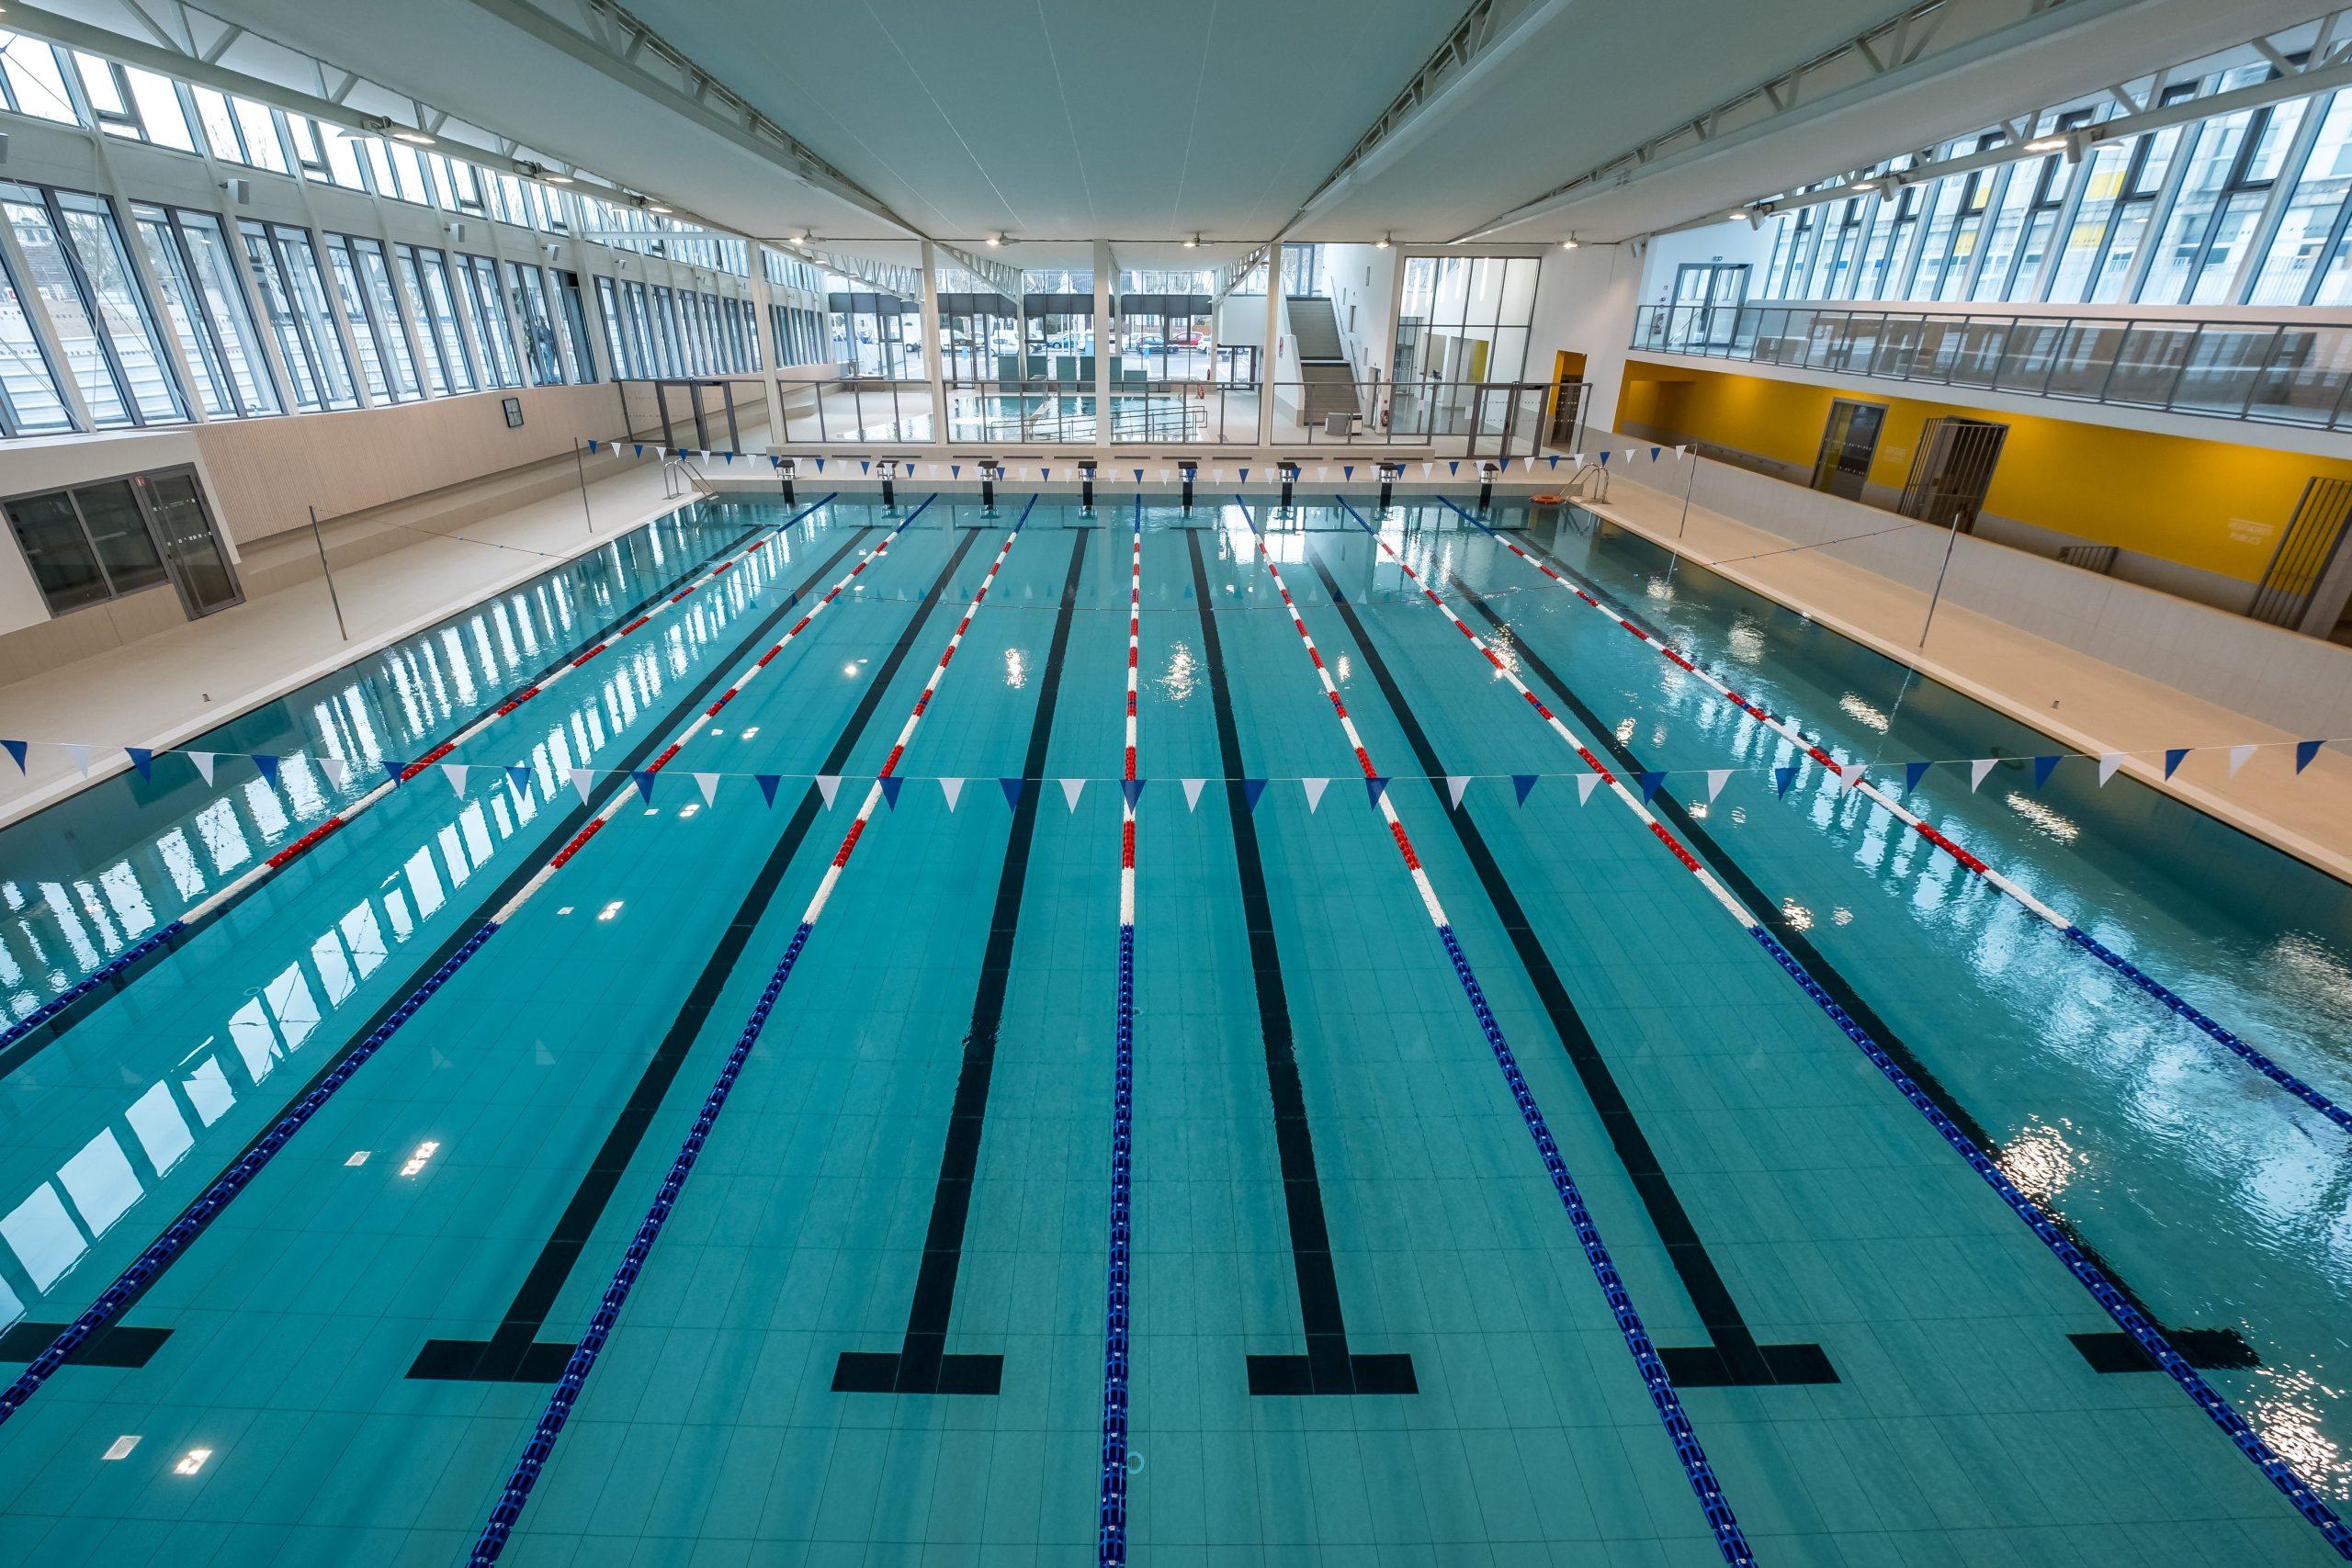 Horaires Et Tarifs Du Centre Aquatique Pajeaud | Ville D'antony destiné Piscine Plessis Robinson